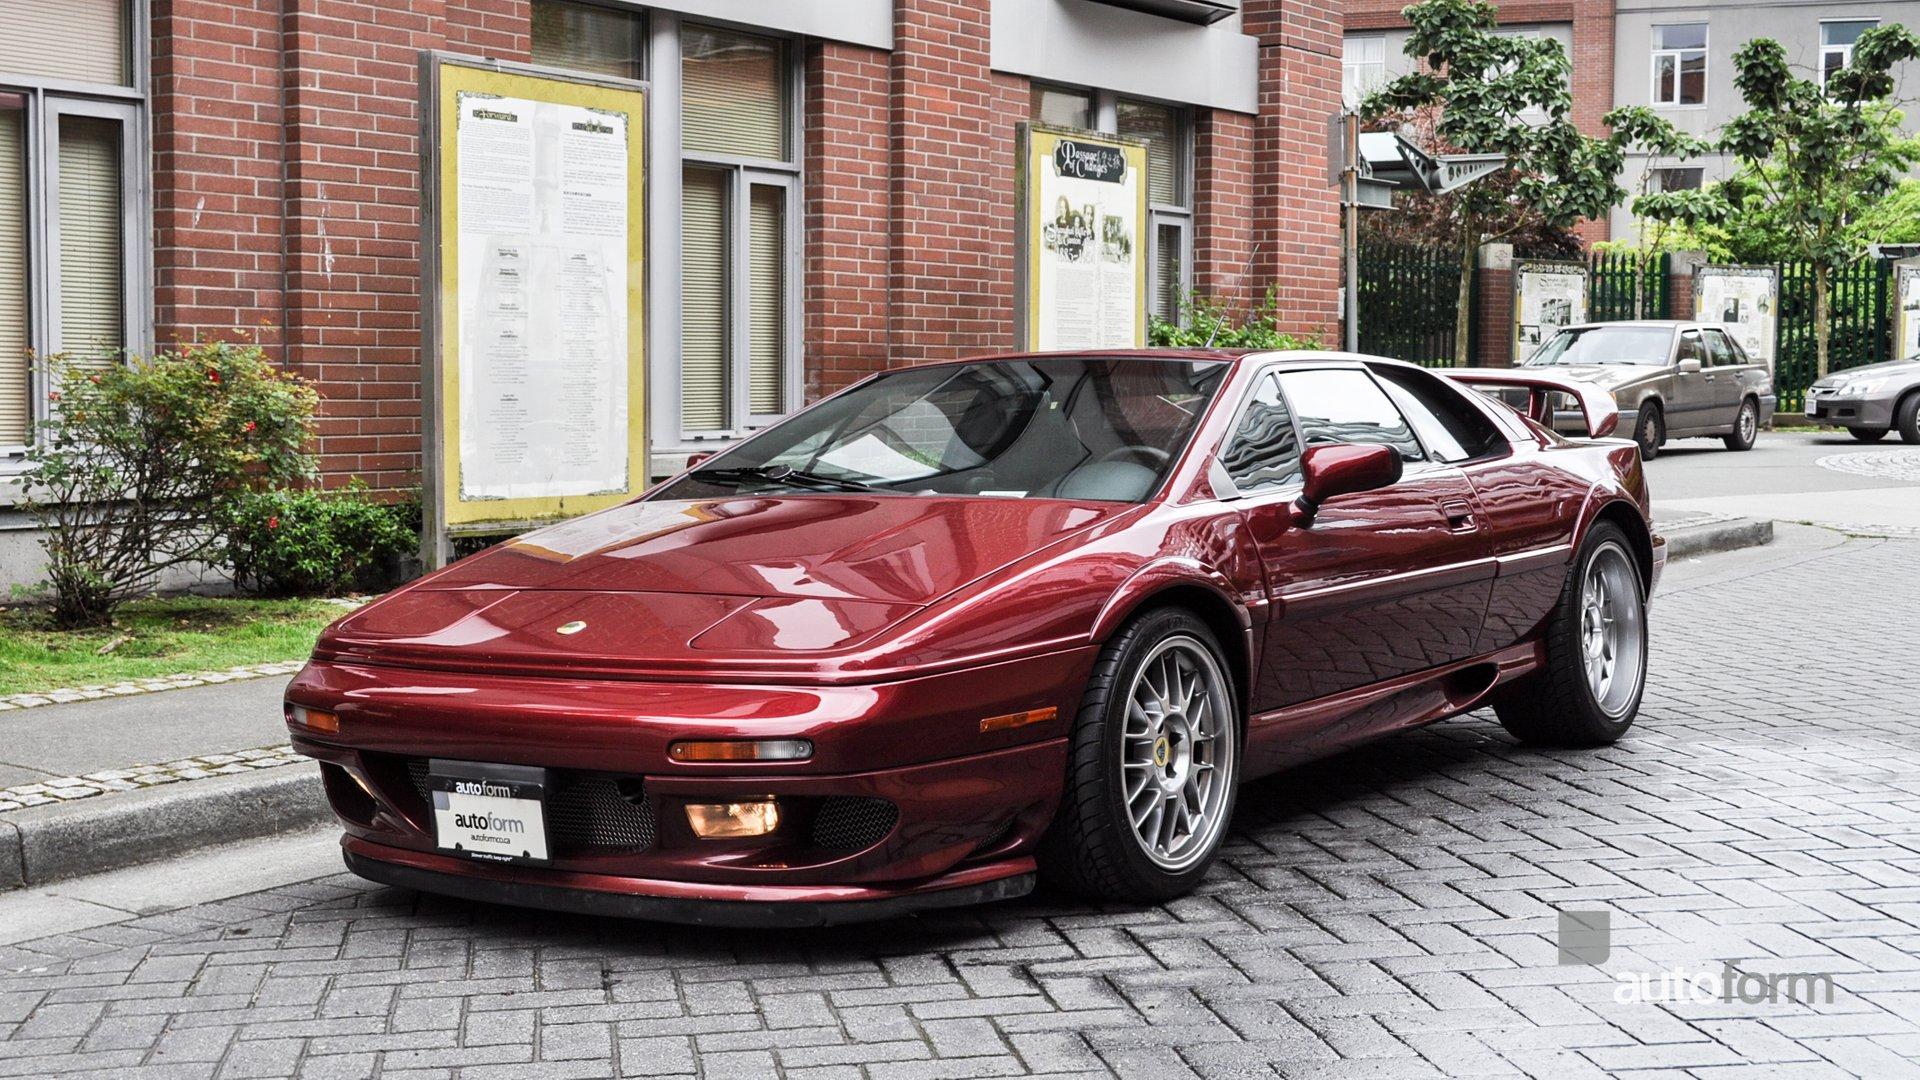 2003 lotus esprit v8 2dr coupe